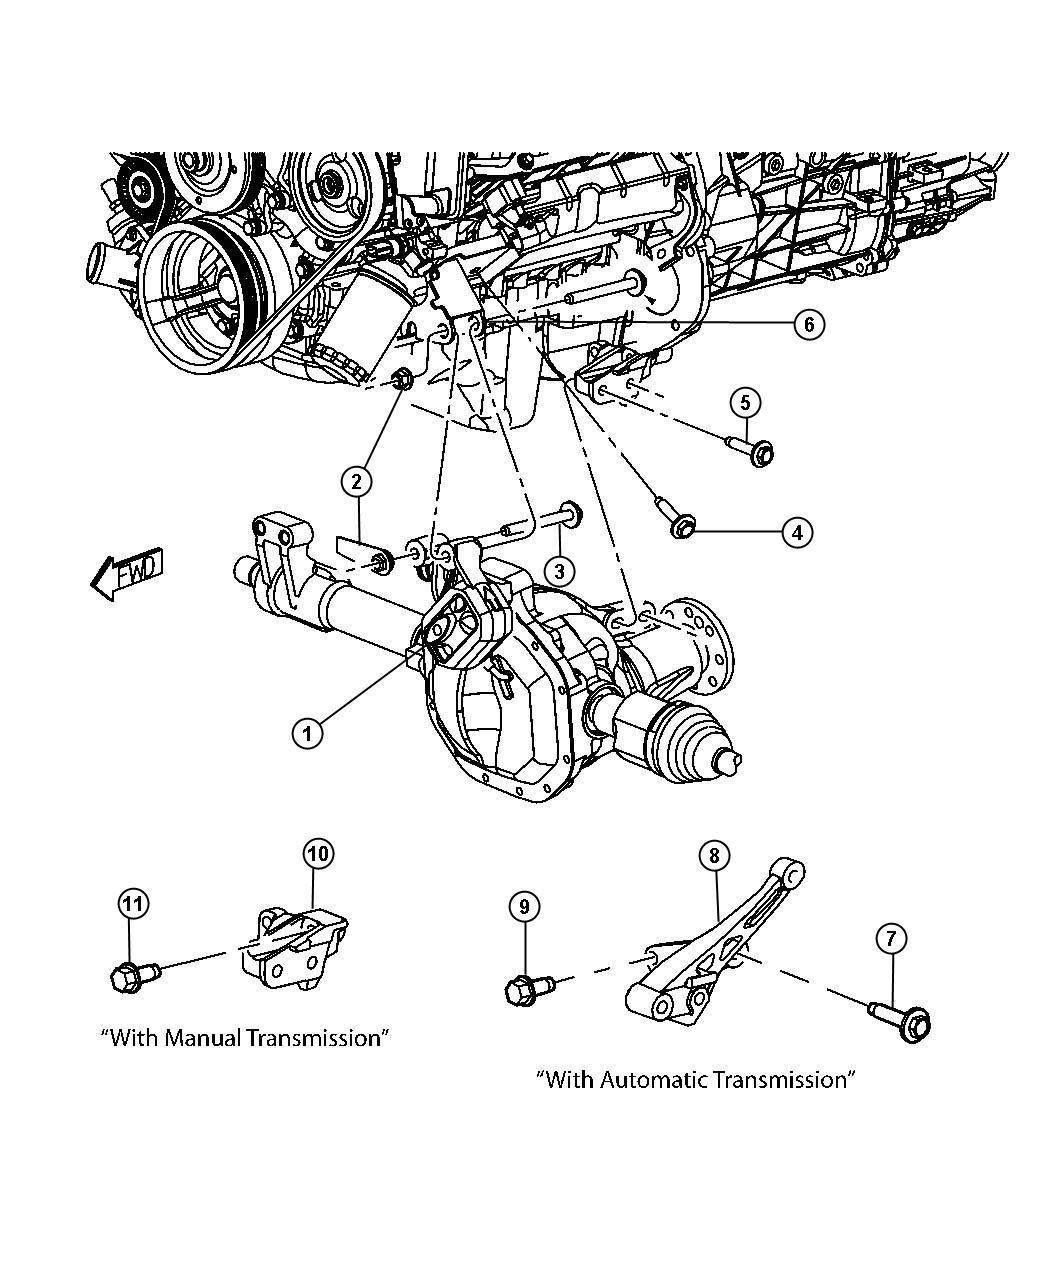 Dakota Engine Mounting Left Side 4wd 4 7l 4 7l V8 Ffv